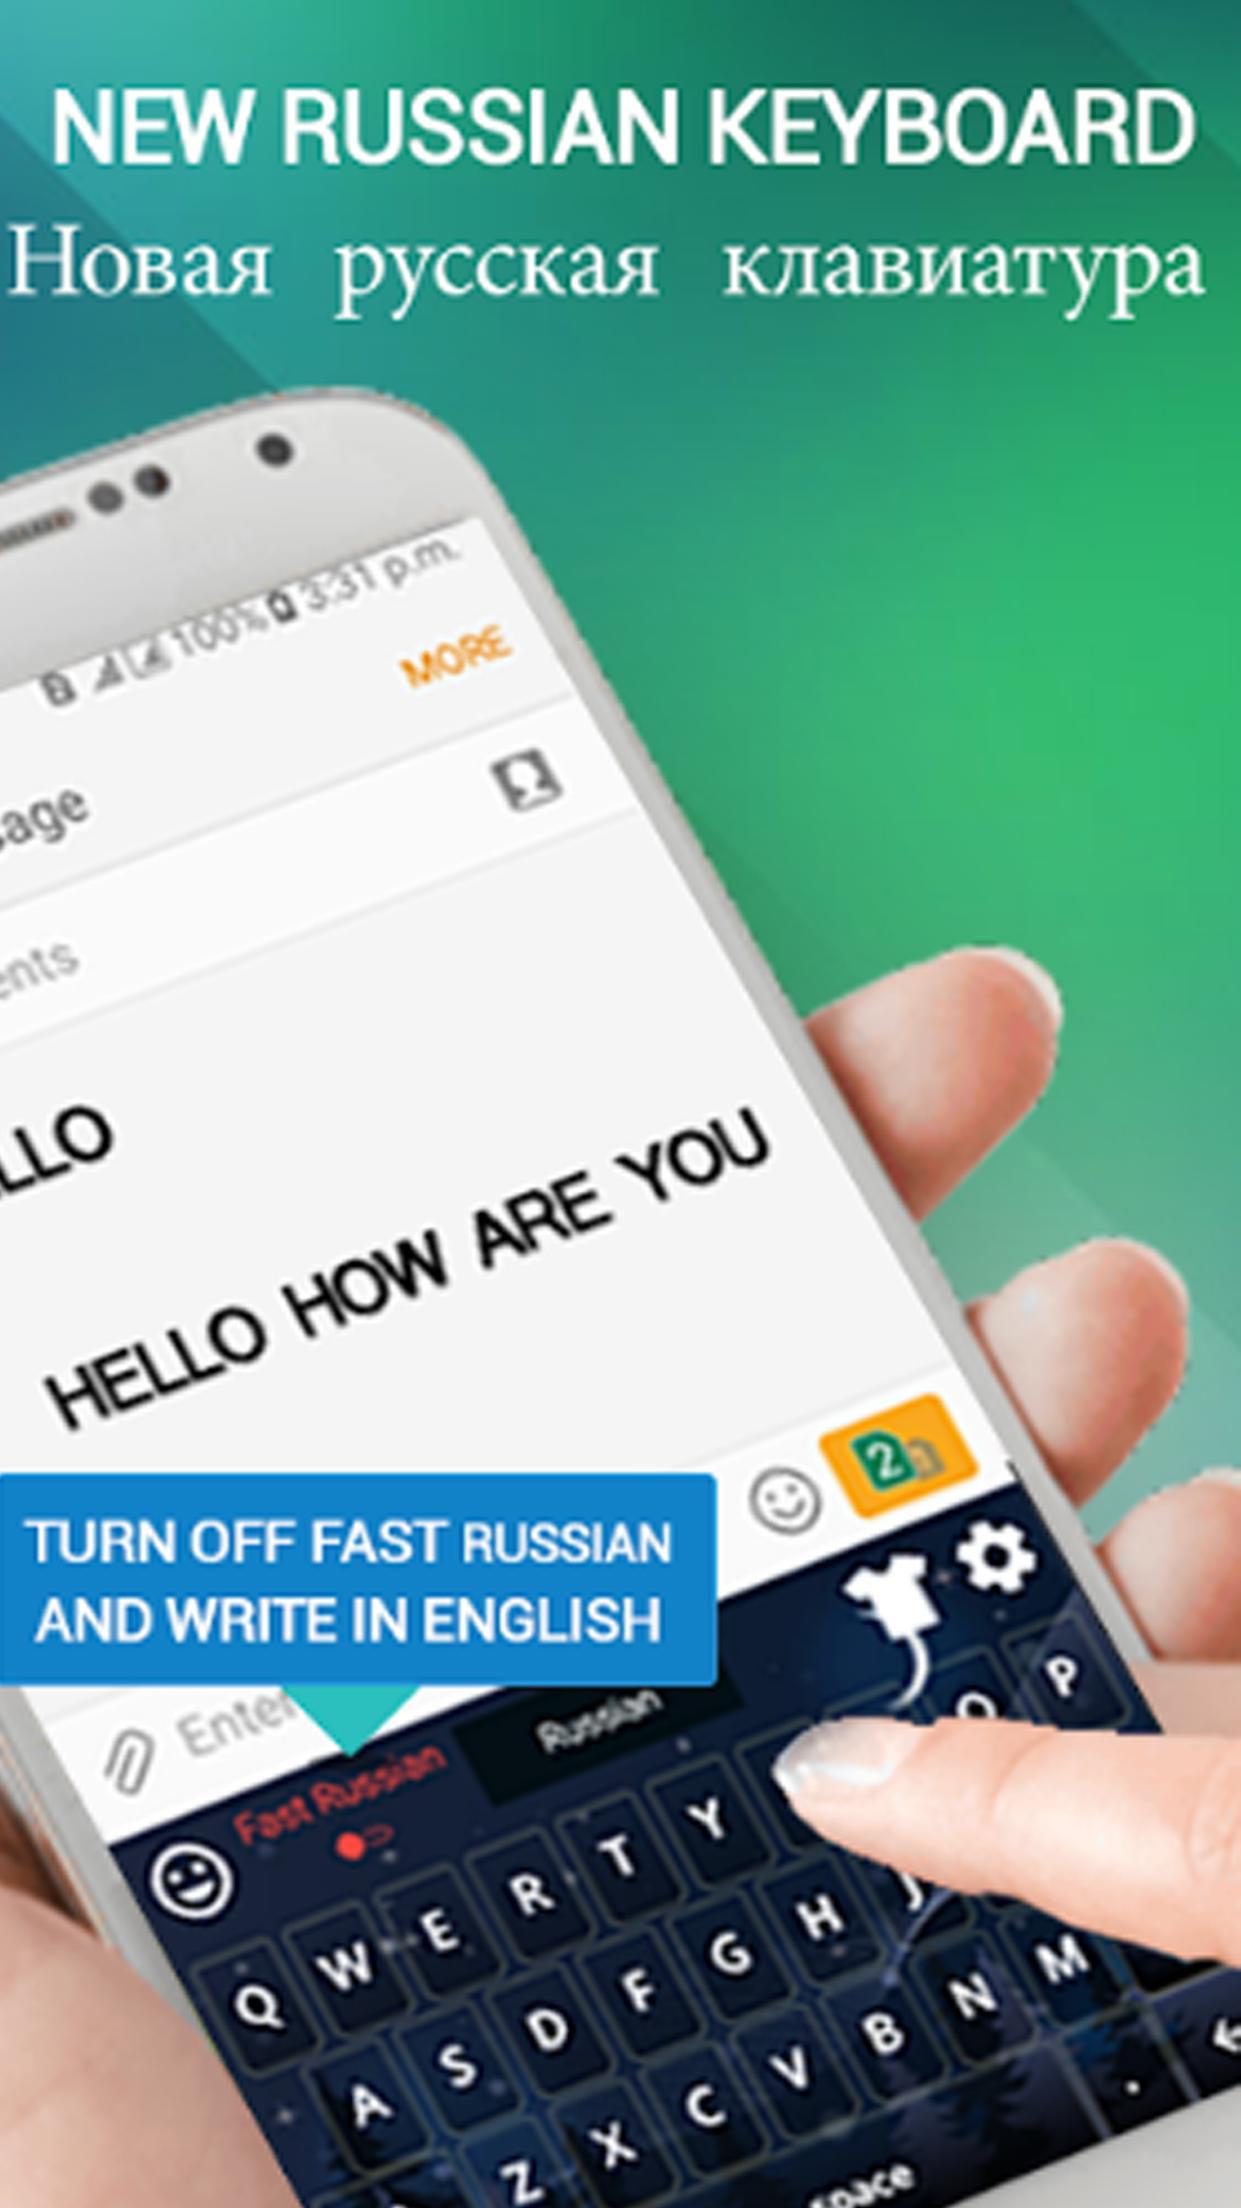 Nouveau Clavier Russe 2018: App Clavier Russe Pour Android tout Clavier Russe En Ligne